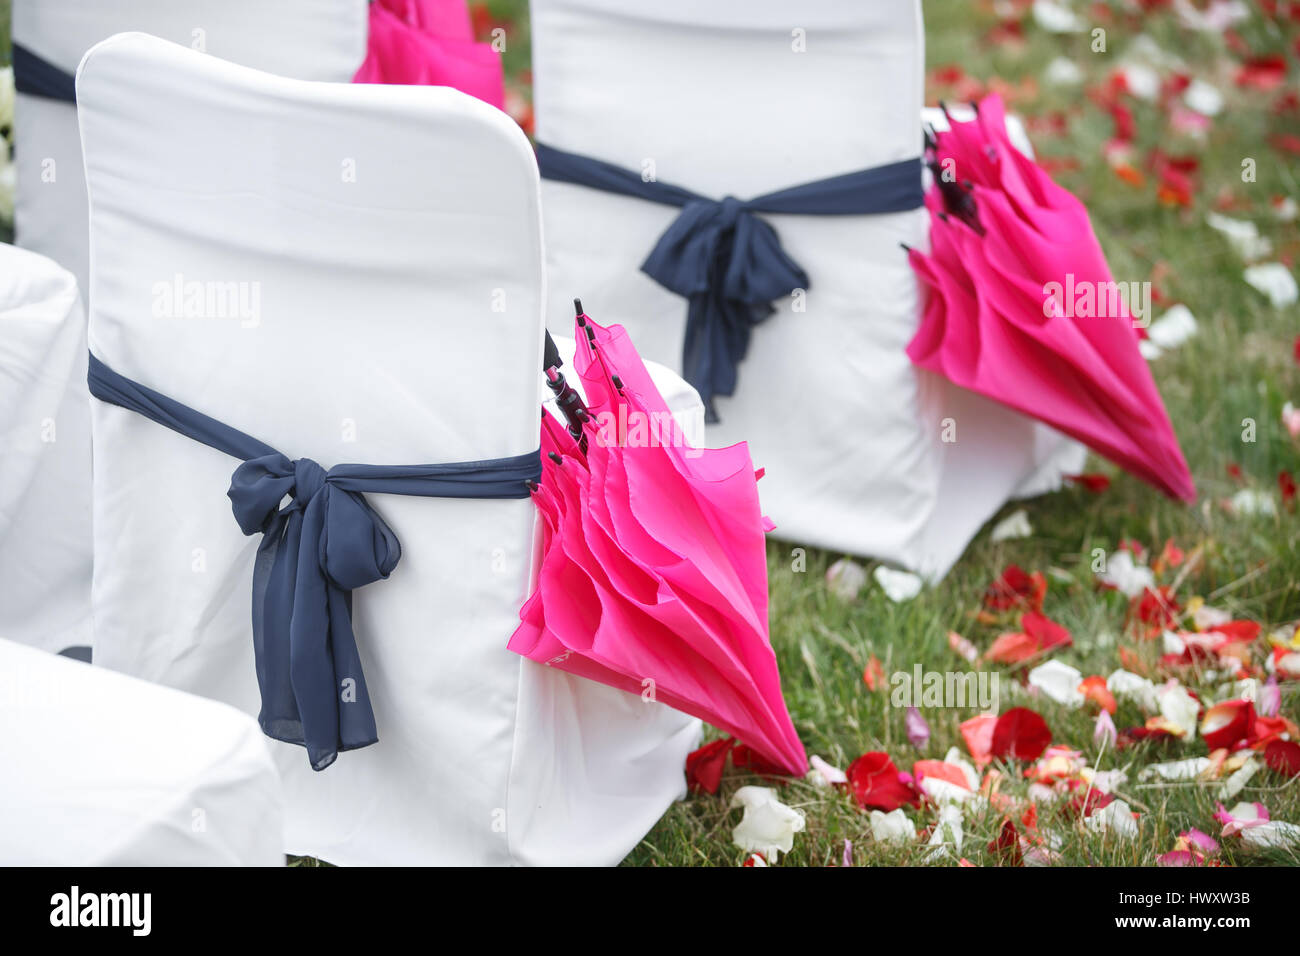 6152201aefa5 Gli archetti in tessuto. accessori sedia prua registrazione di nozze  Immagini Stock